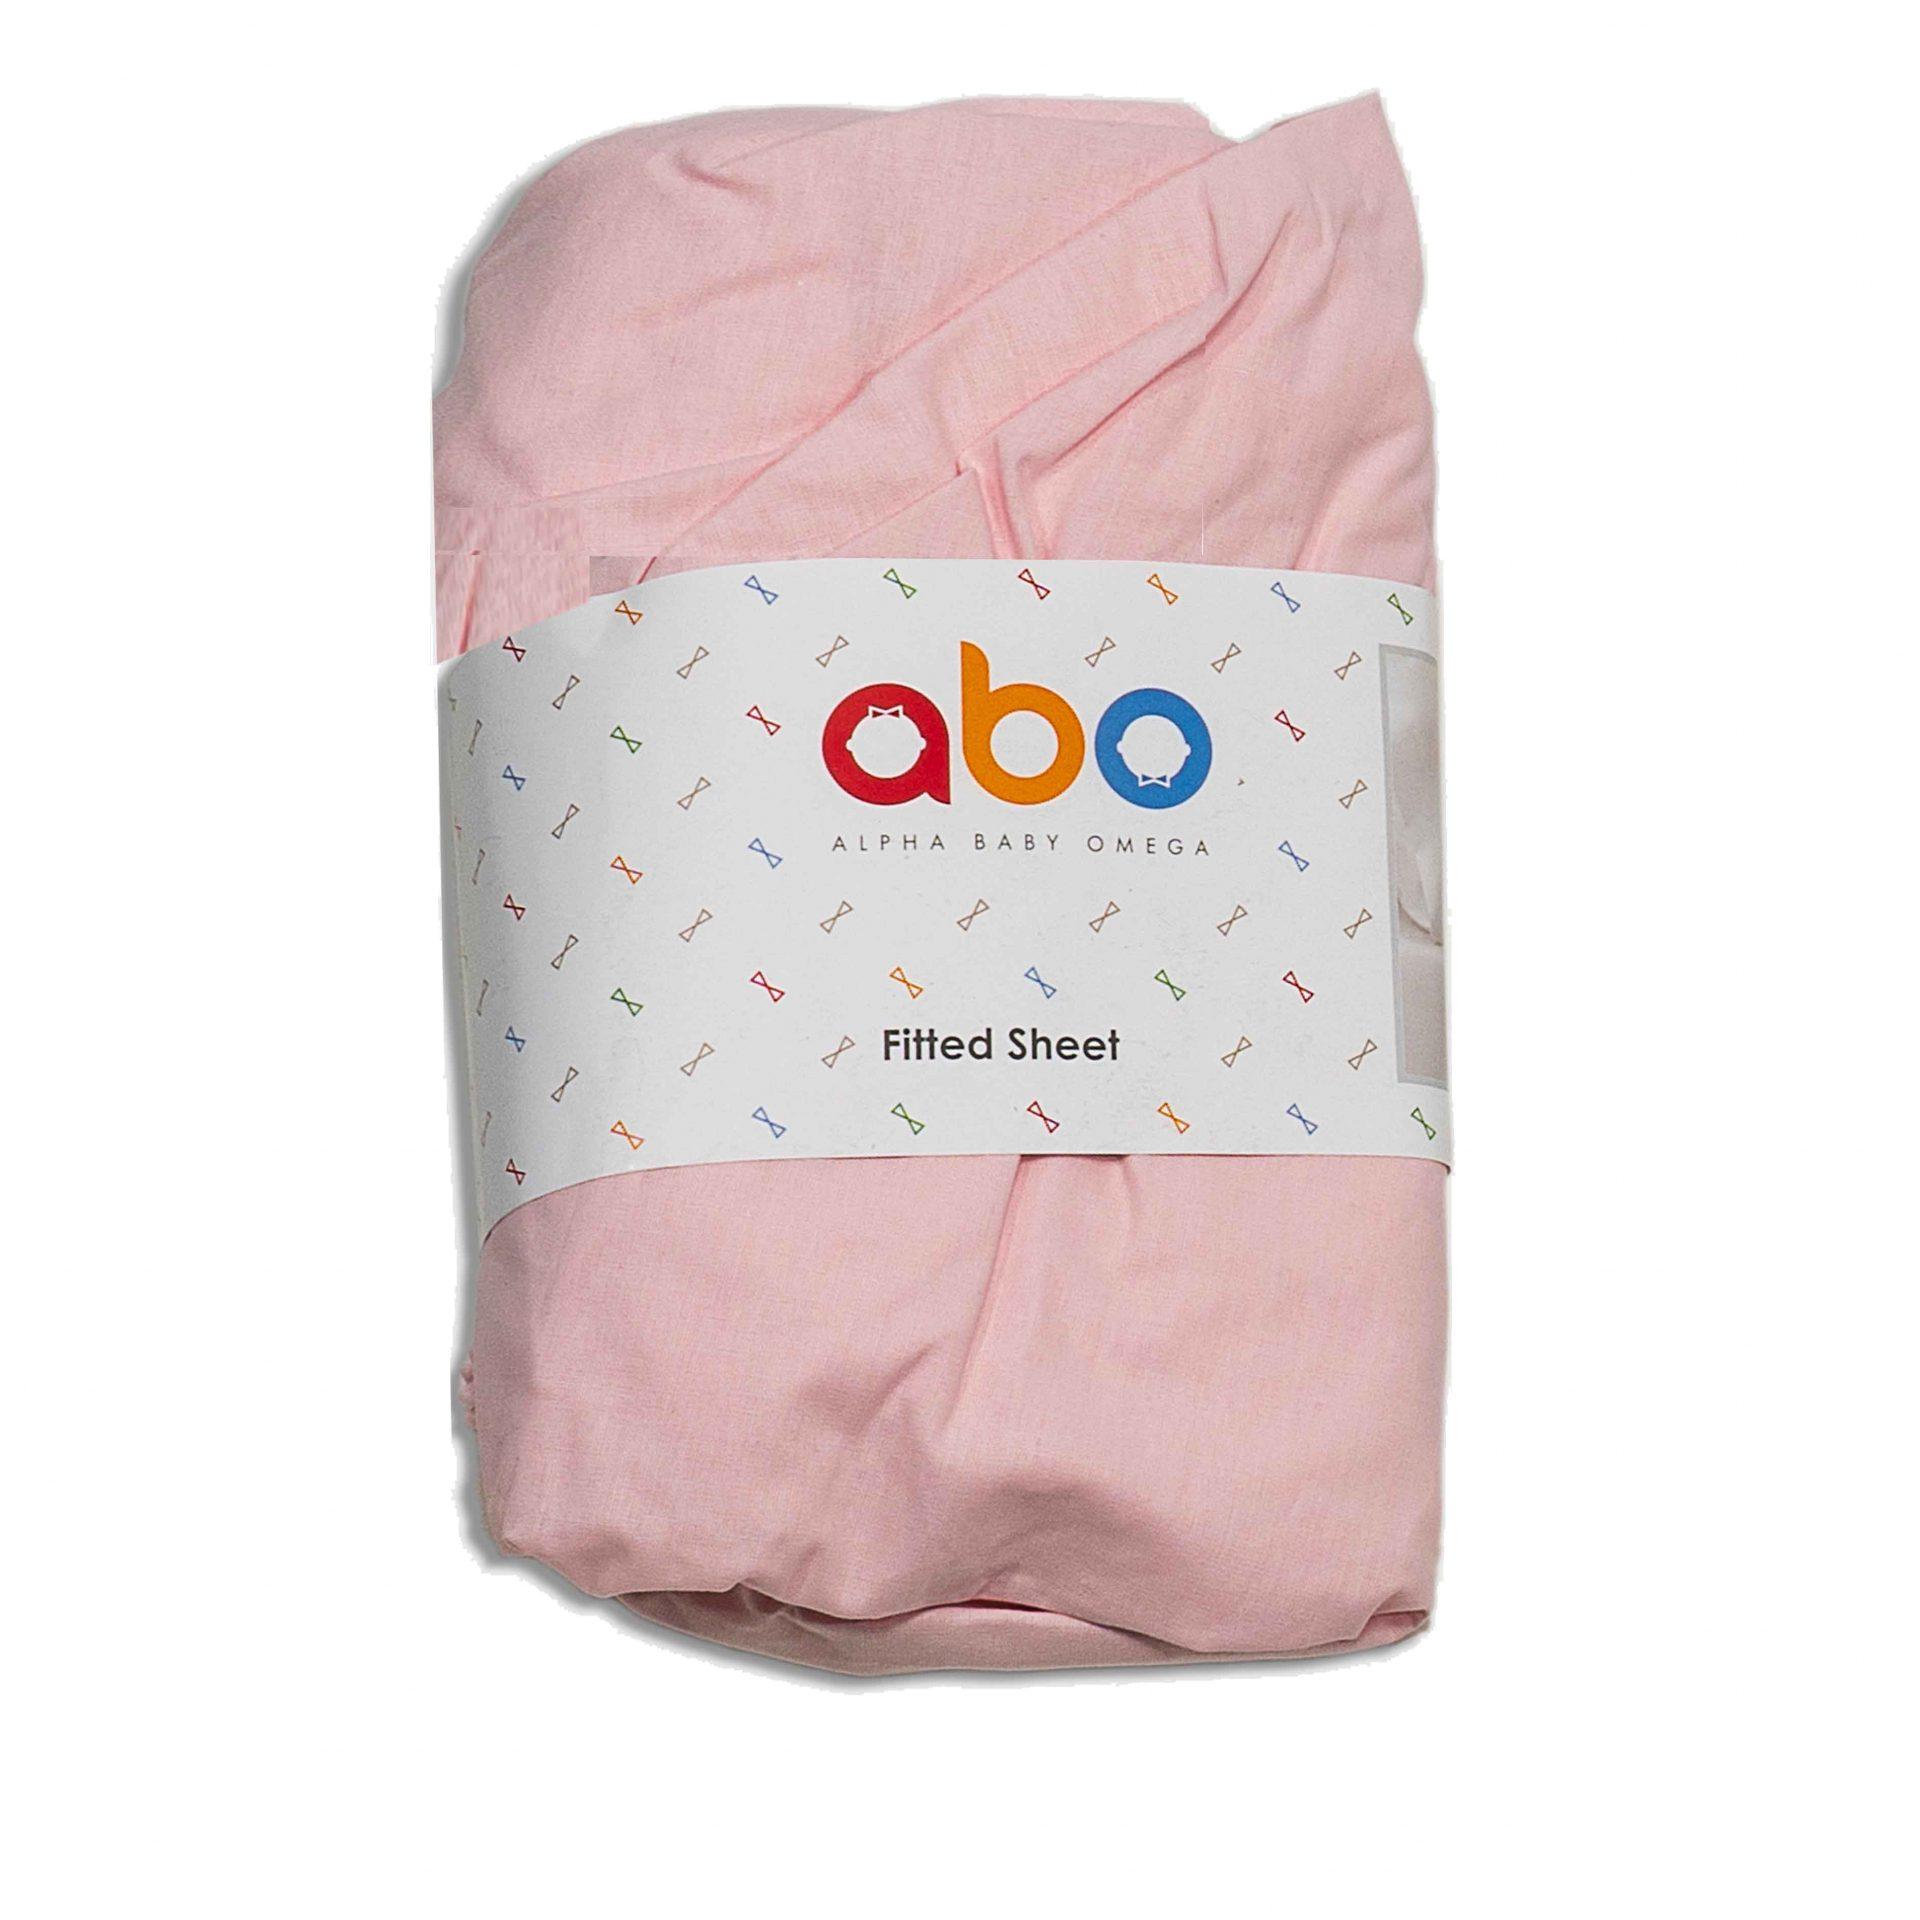 Κατωσέντονο ροζ Abo